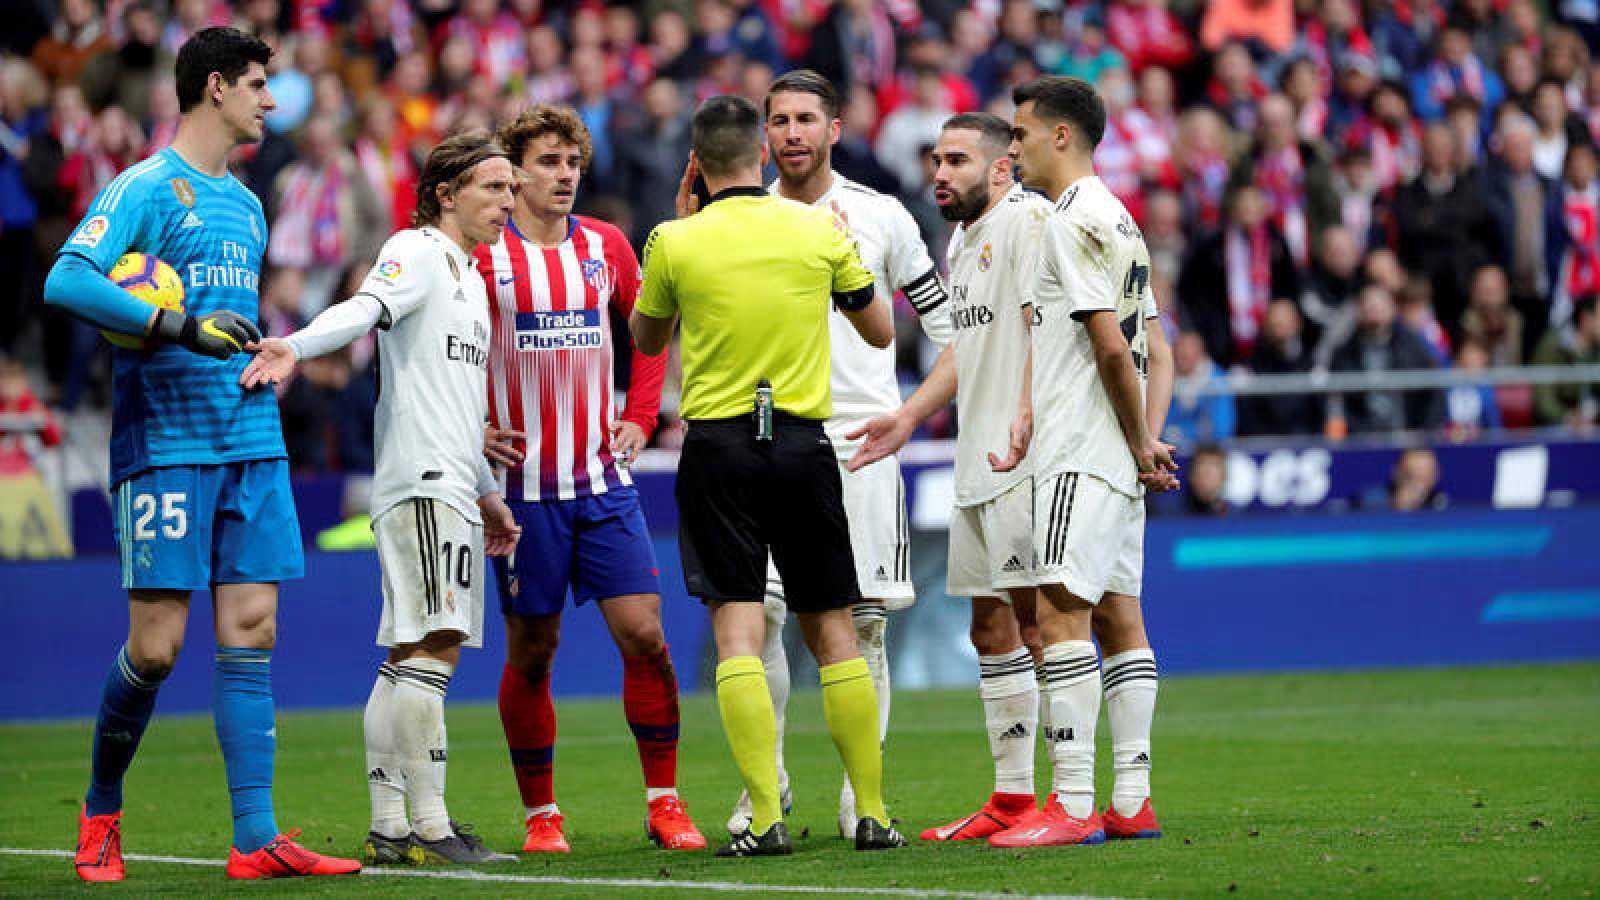 Corro alrededor del árbitro esperando la decisión sobre el fuera de juego de Morata